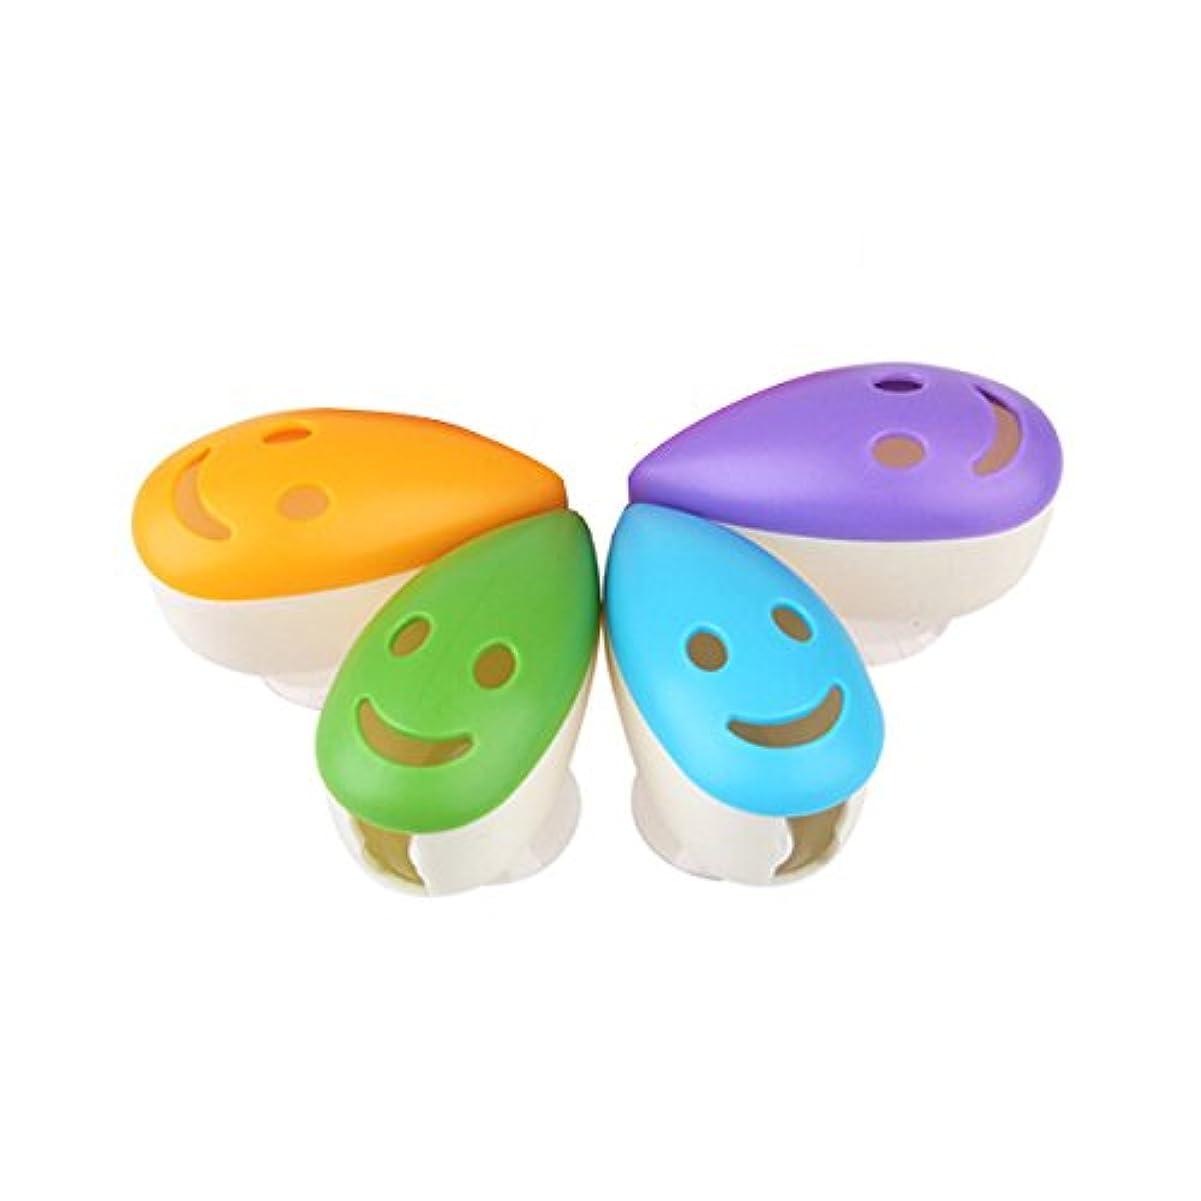 程度ユーザー評価するROSENICE スマイルフェイス抗菌歯ブラシヘッドホルダーサクションカップ4本用